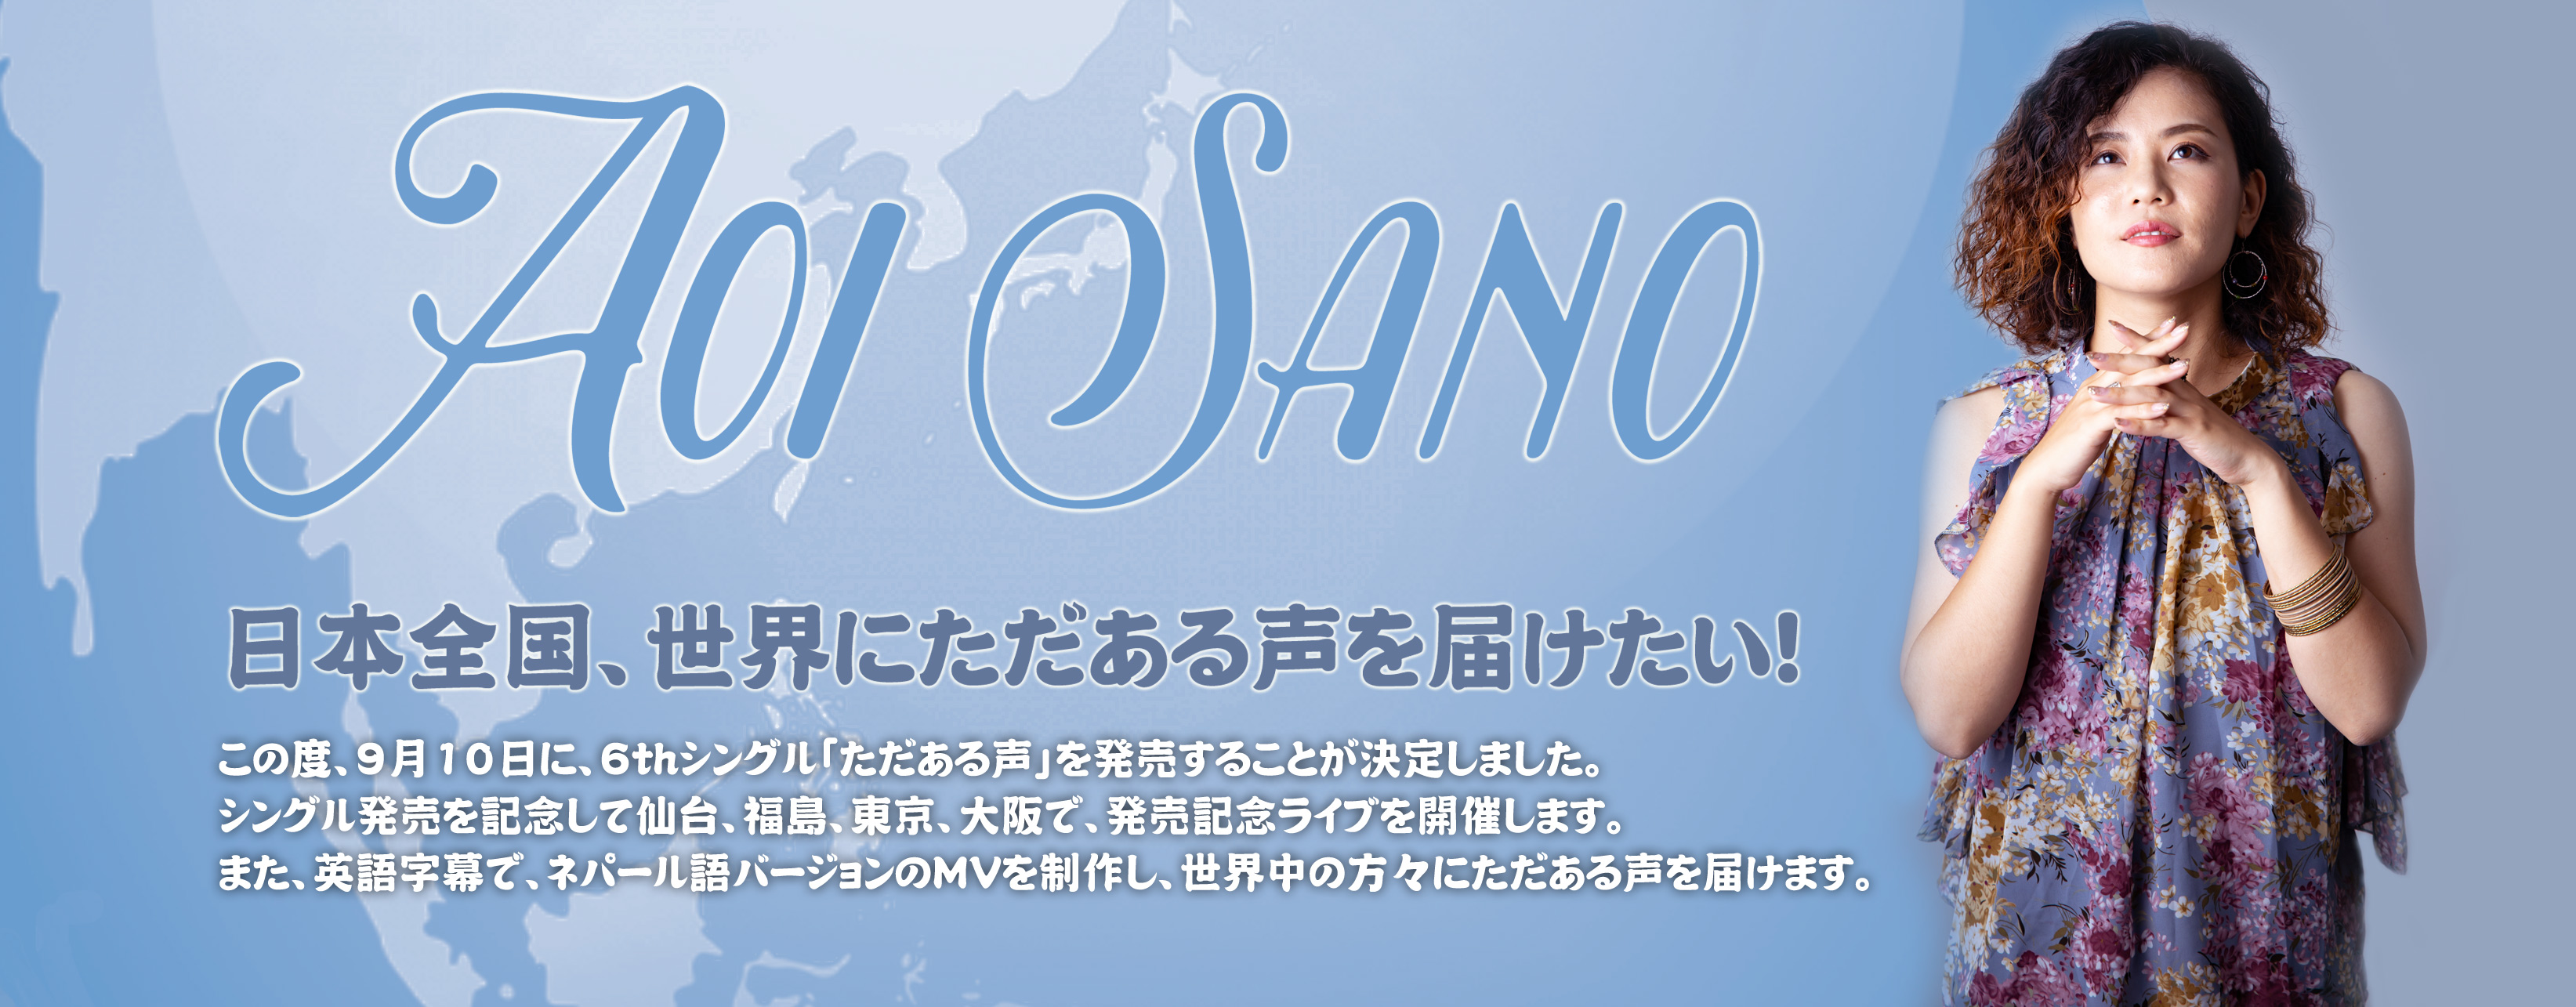 日本全国、世界にただある声を届けたい